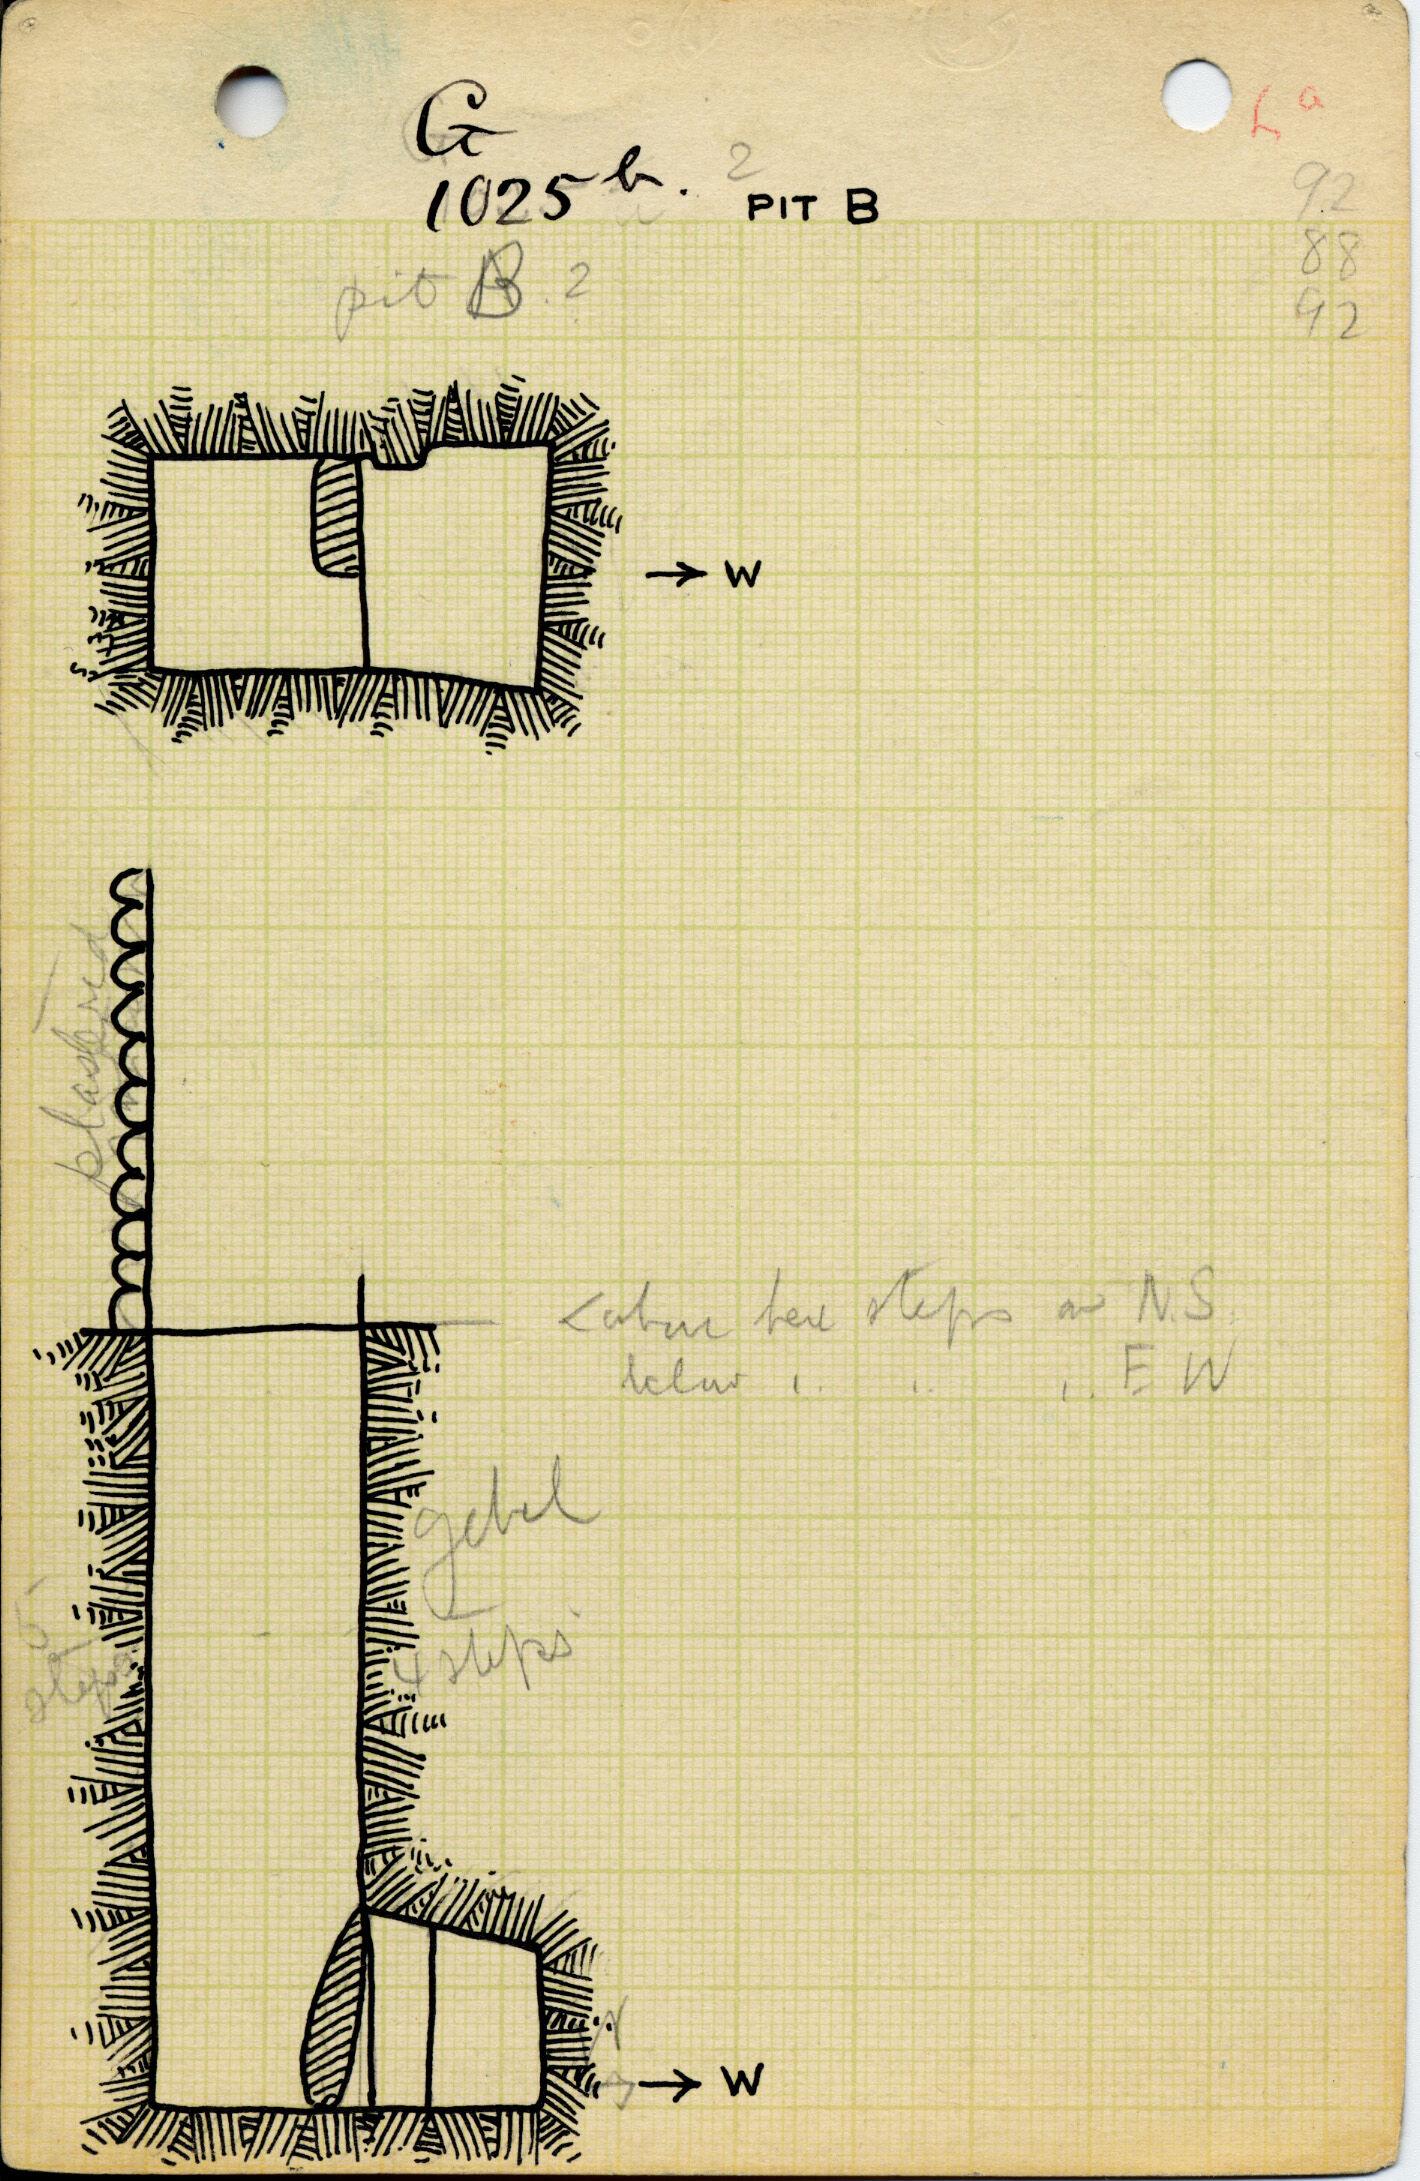 Maps and plans: G 1025b, Shaft B